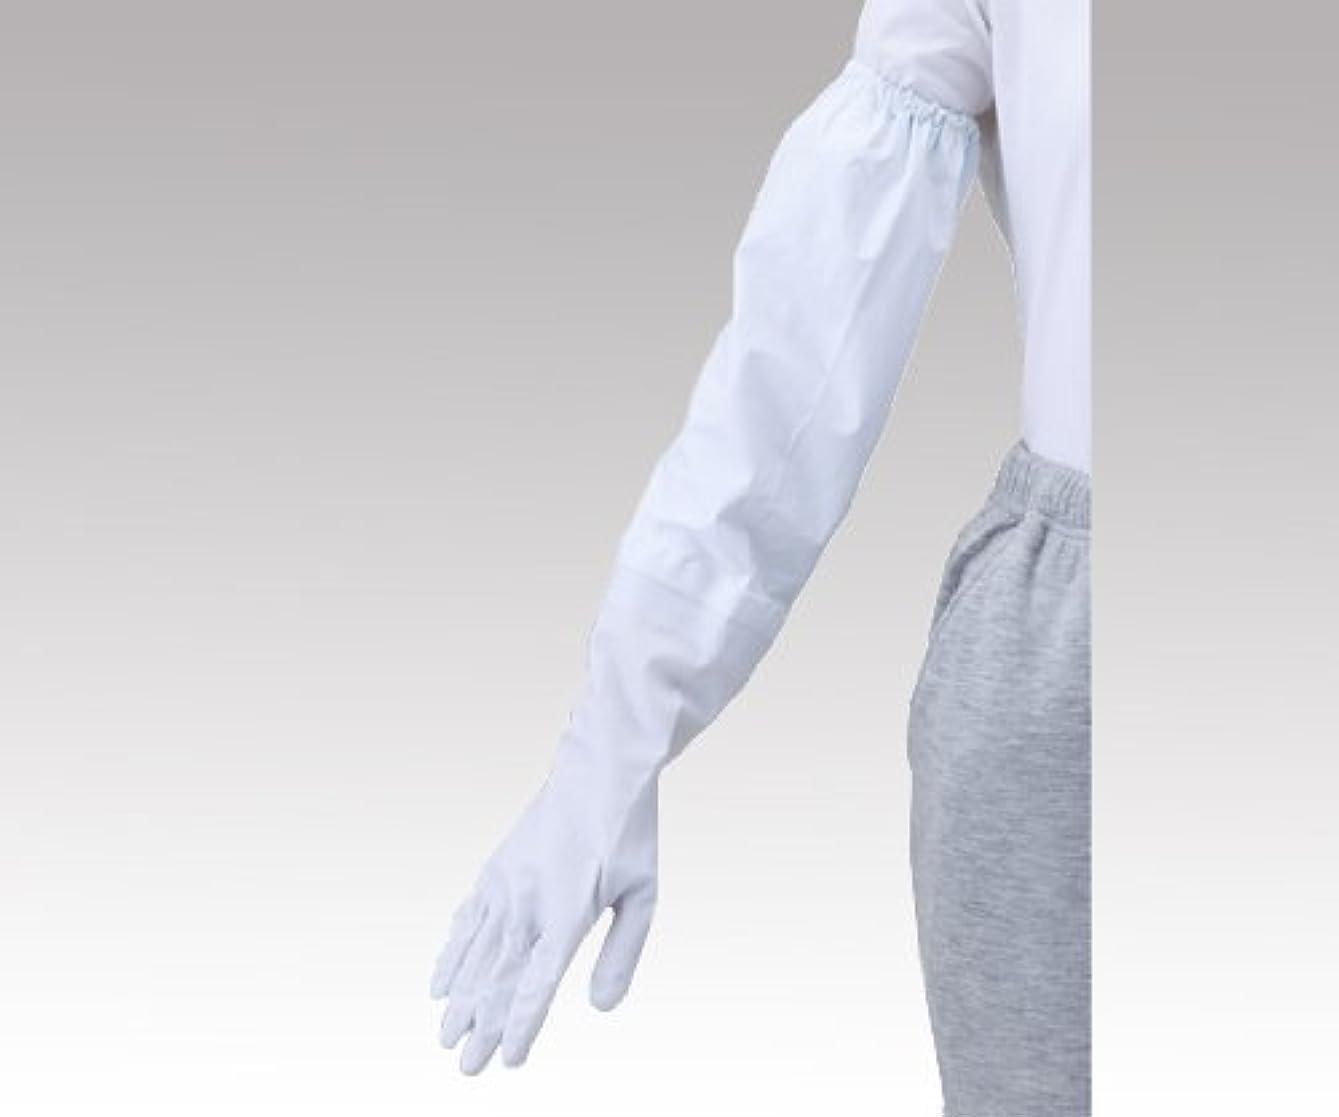 十一しつけ飲料腕カバー付き手袋 No.240 L (8-4358-02)